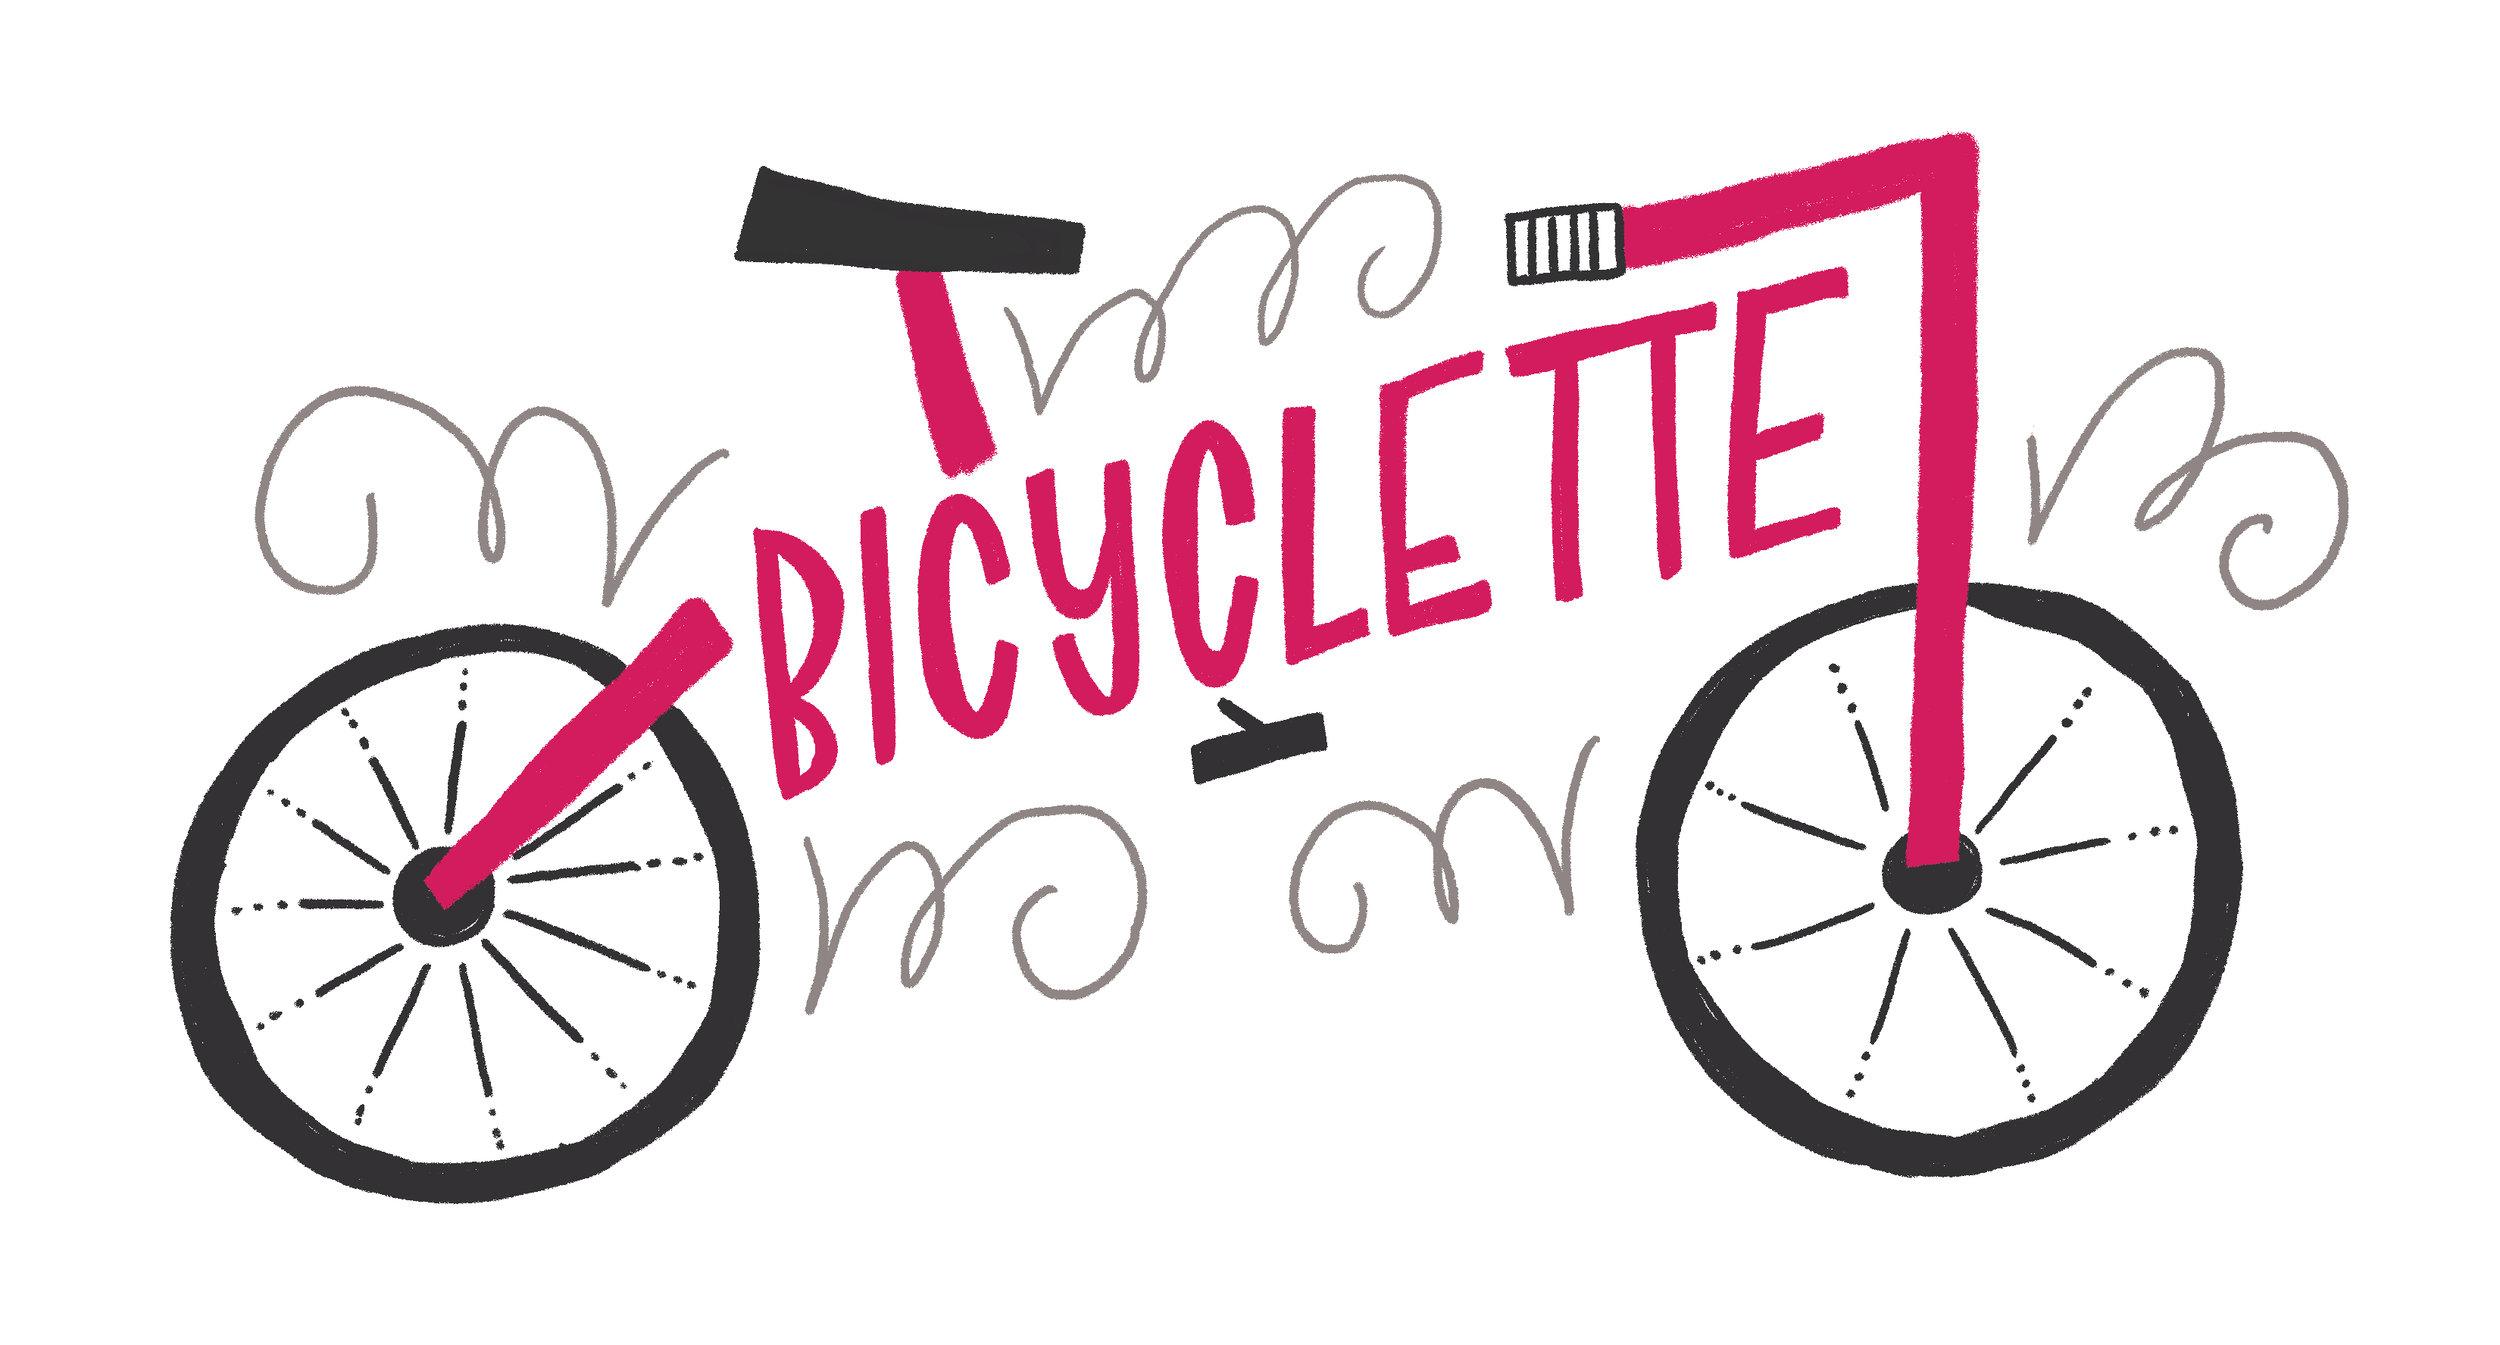 035-bicyclette.jpg